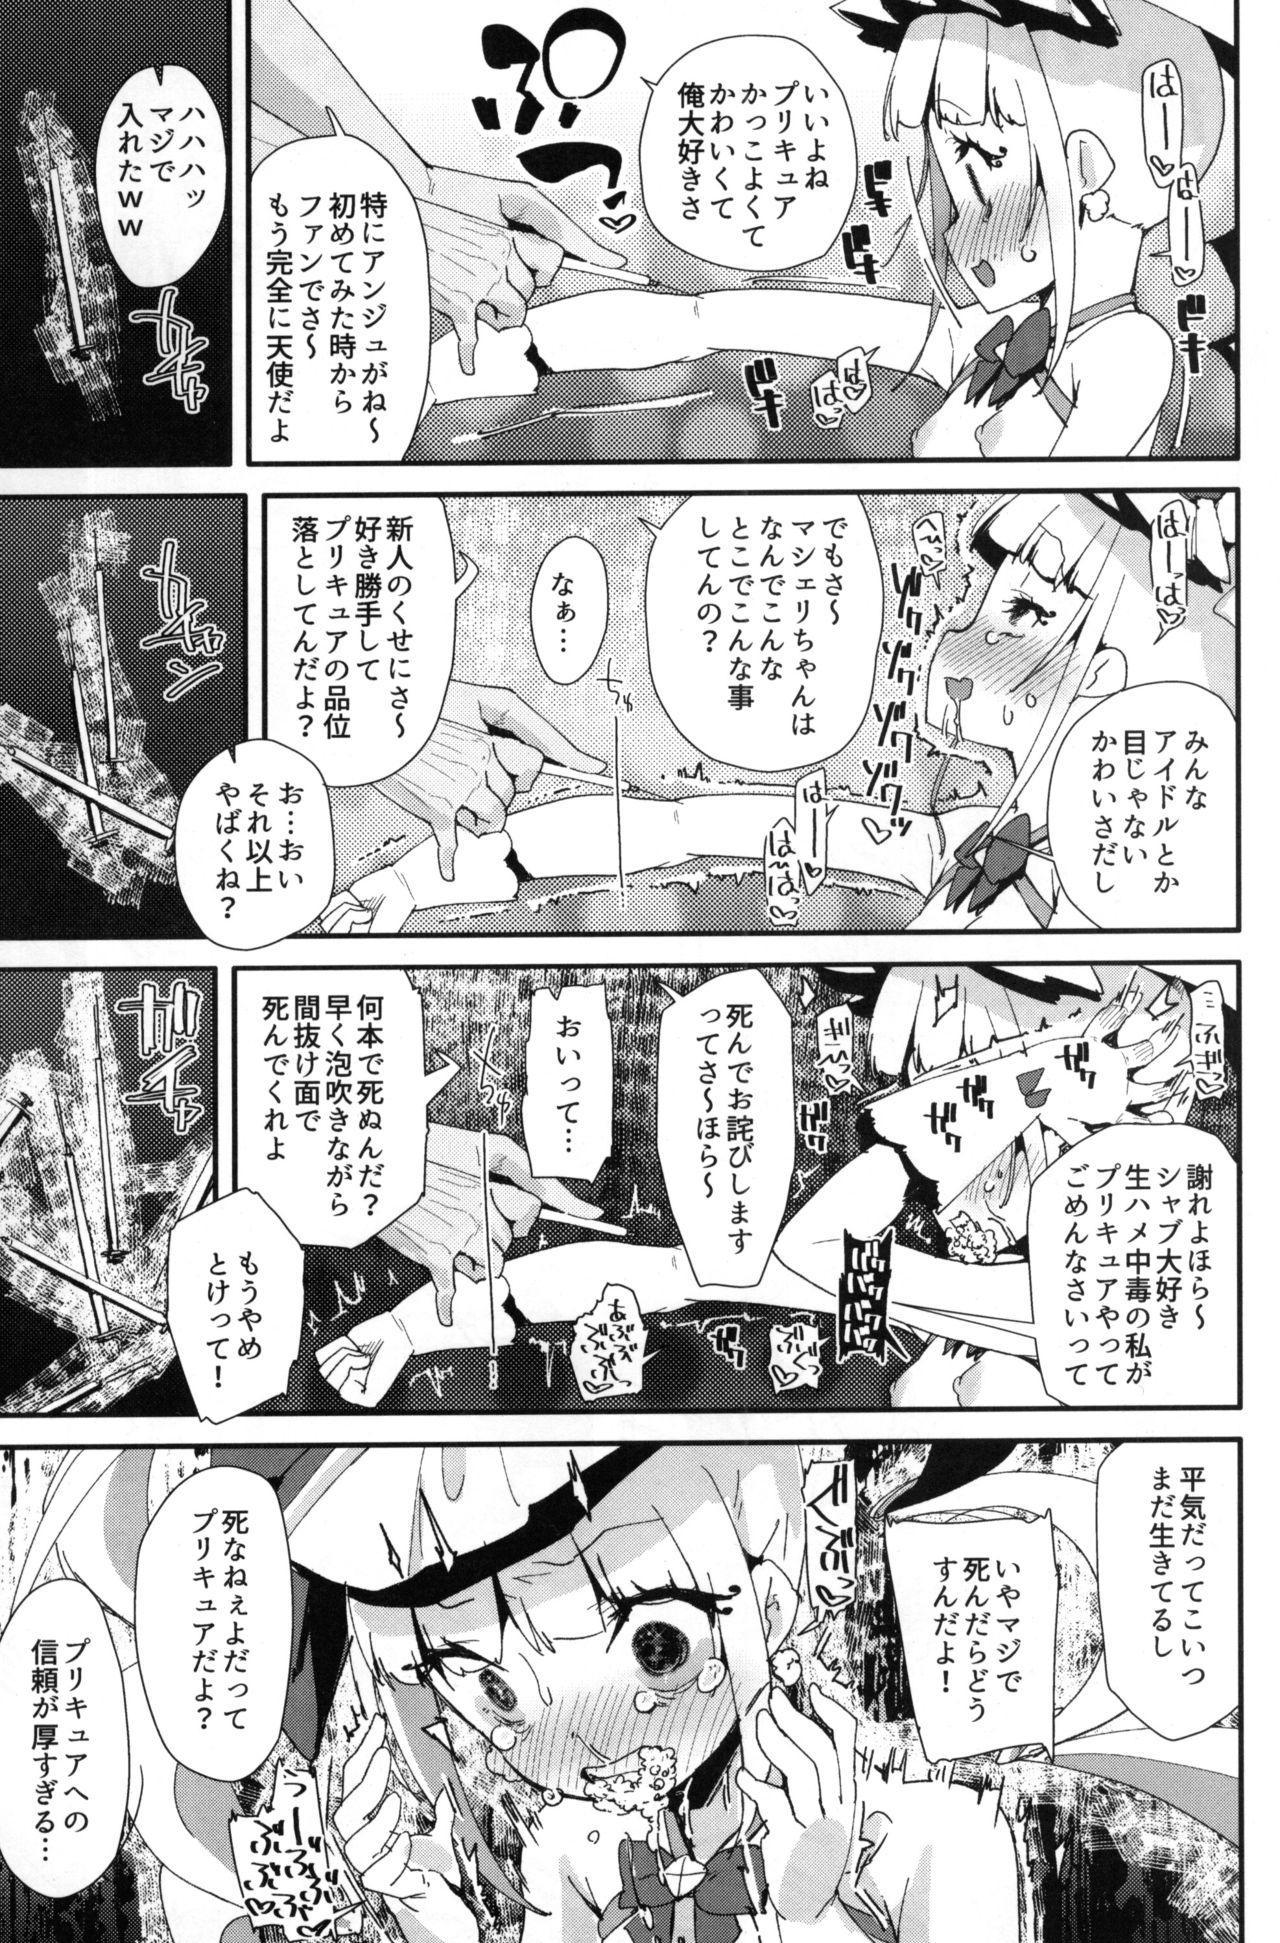 Warui Otoko ni Kimeseku Chuudoku ni Sarete Mama ni Naru Emiru-chan 19